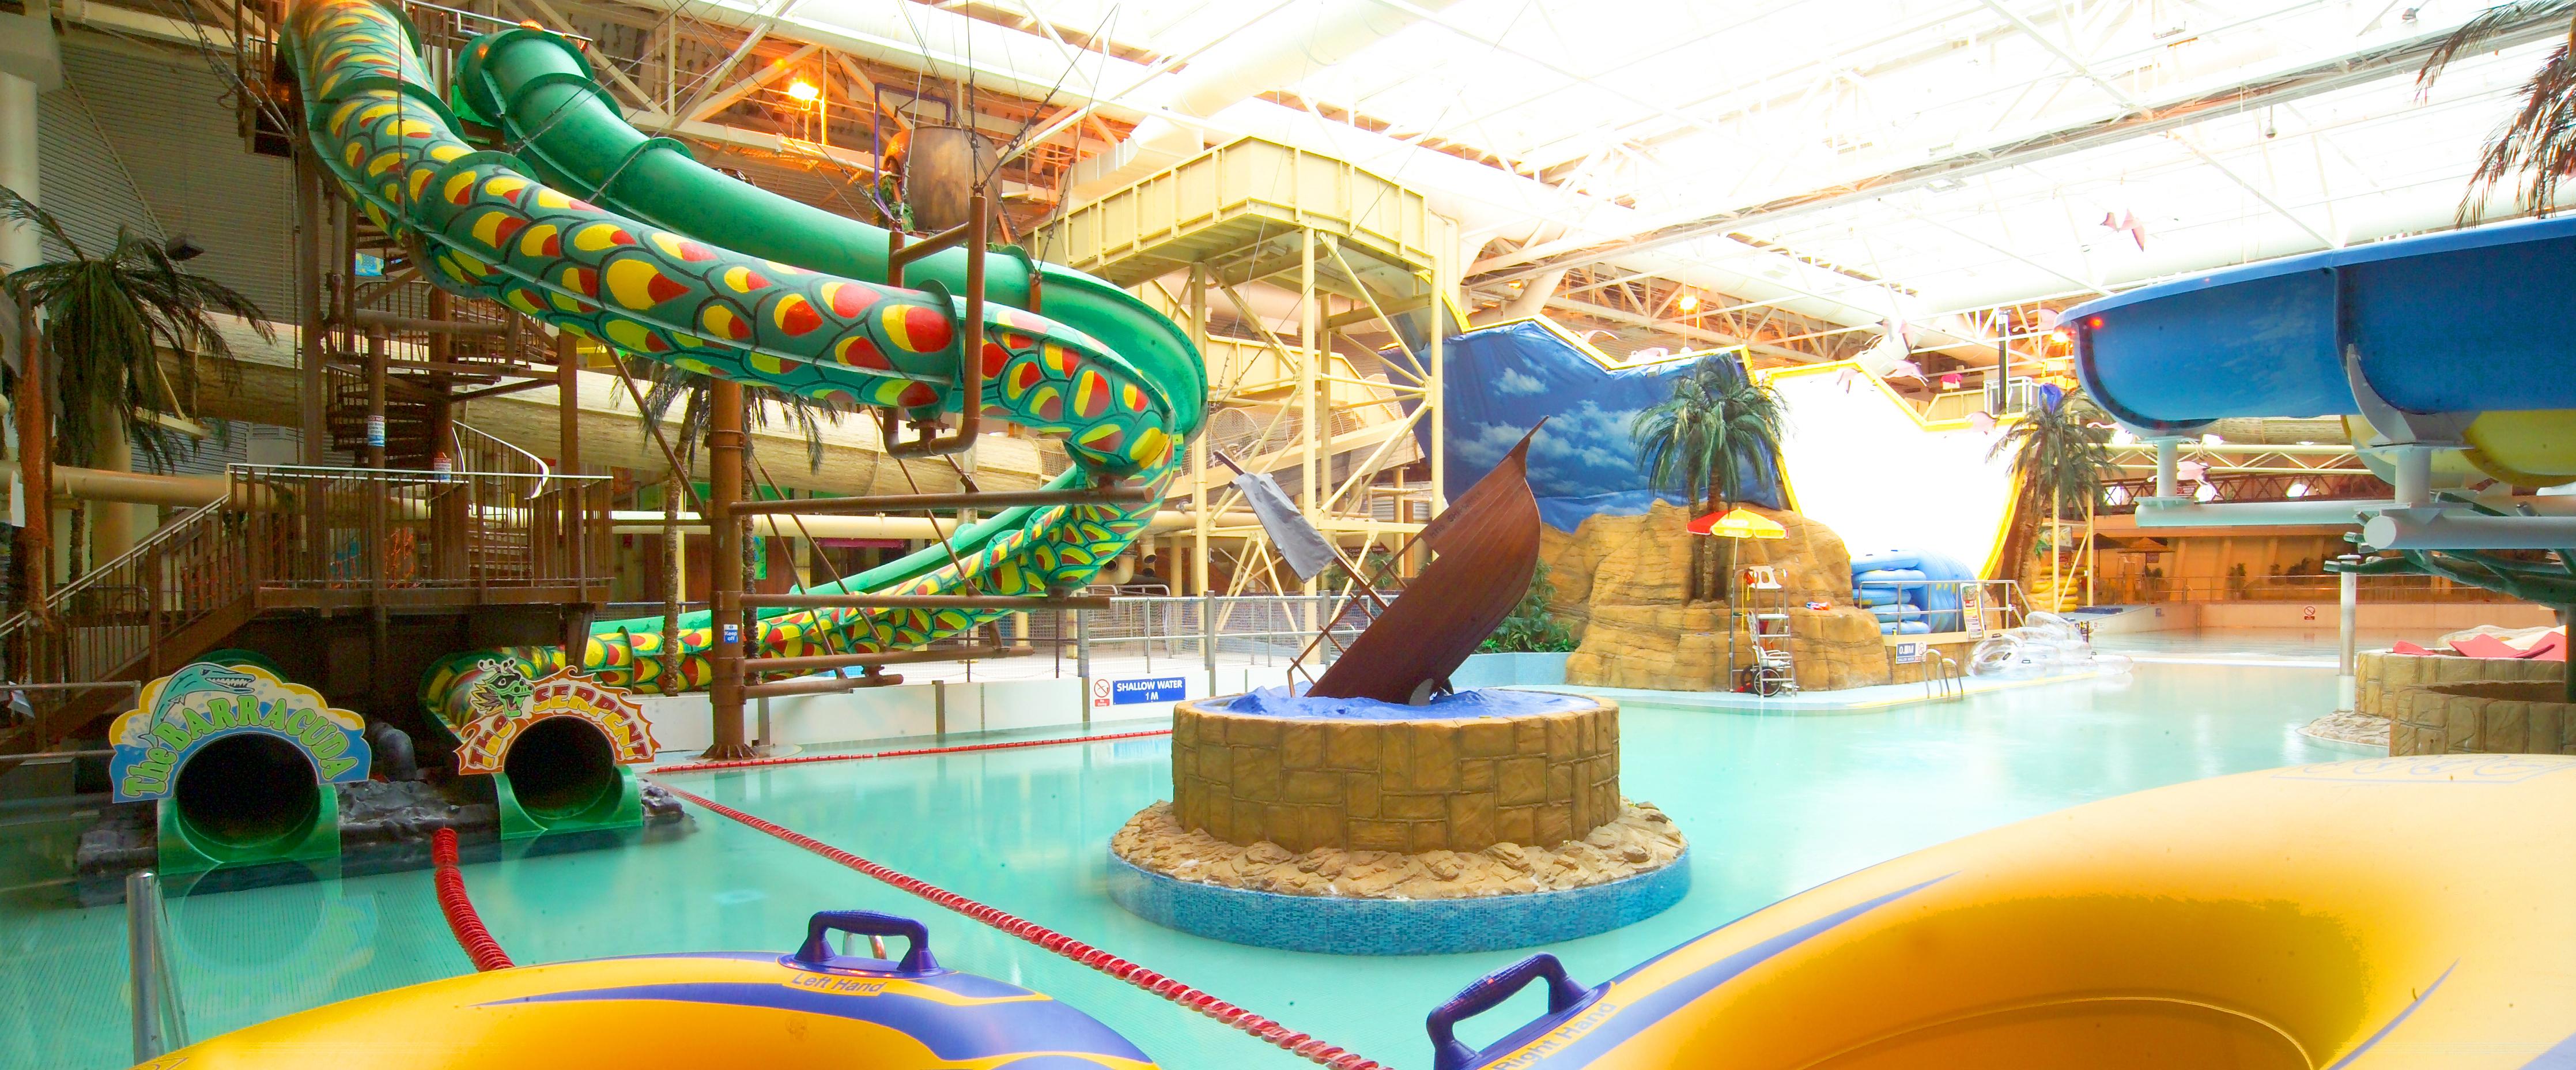 Sandcastle Waterpark Blackpool Has It All Visit Blackpool